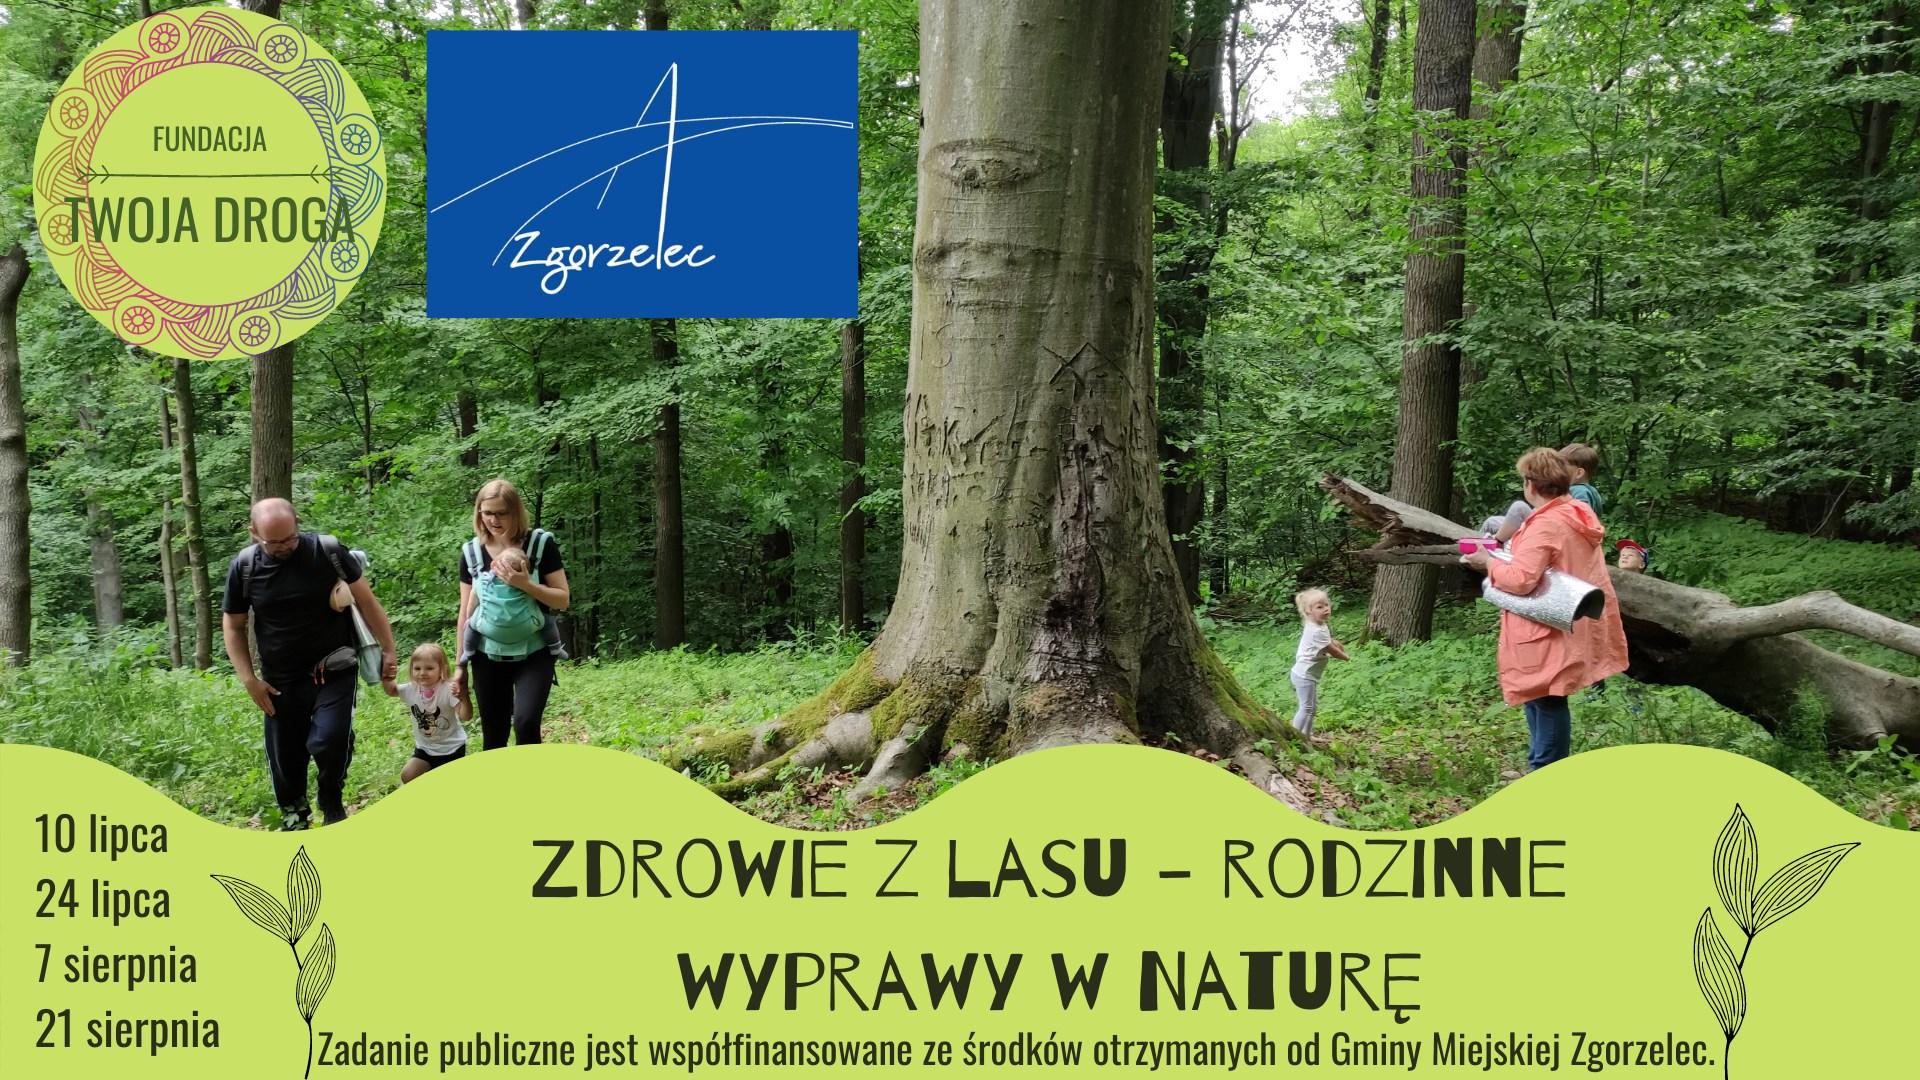 Zdrowie z lasu - rodzinne wyprawy w naturę